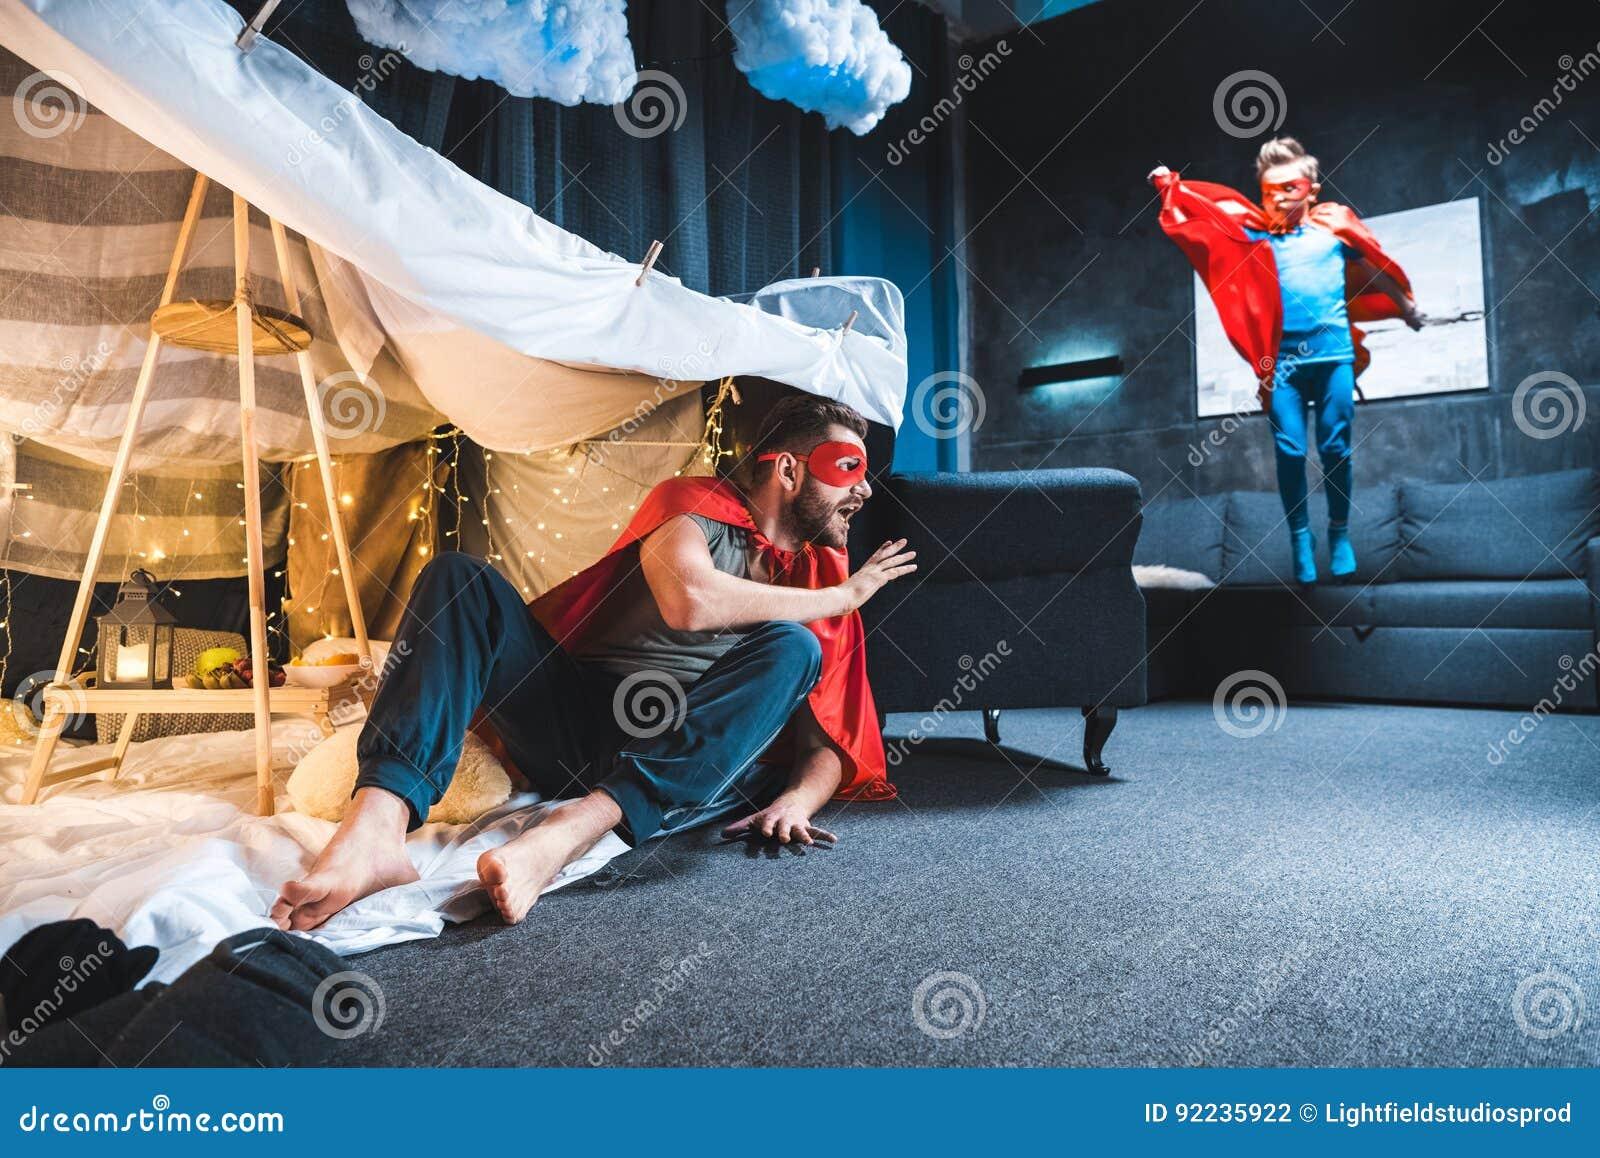 父亲和儿子红色超级英雄的打扮使用